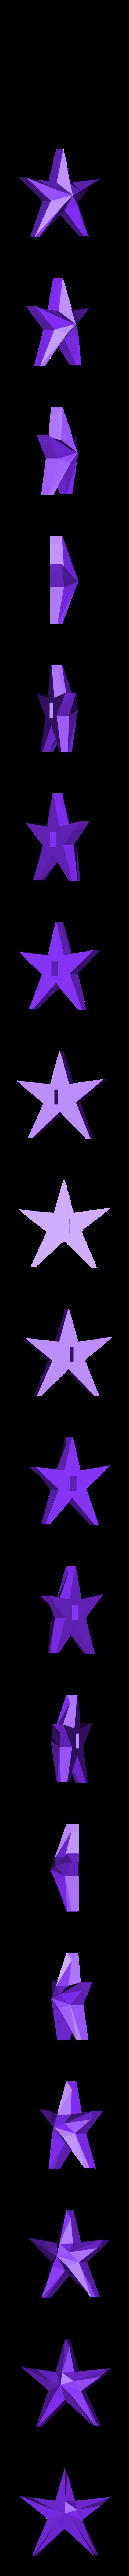 star.stl Télécharger fichier STL gratuit Ornement Mix and Match • Design imprimable en 3D, Girthnath